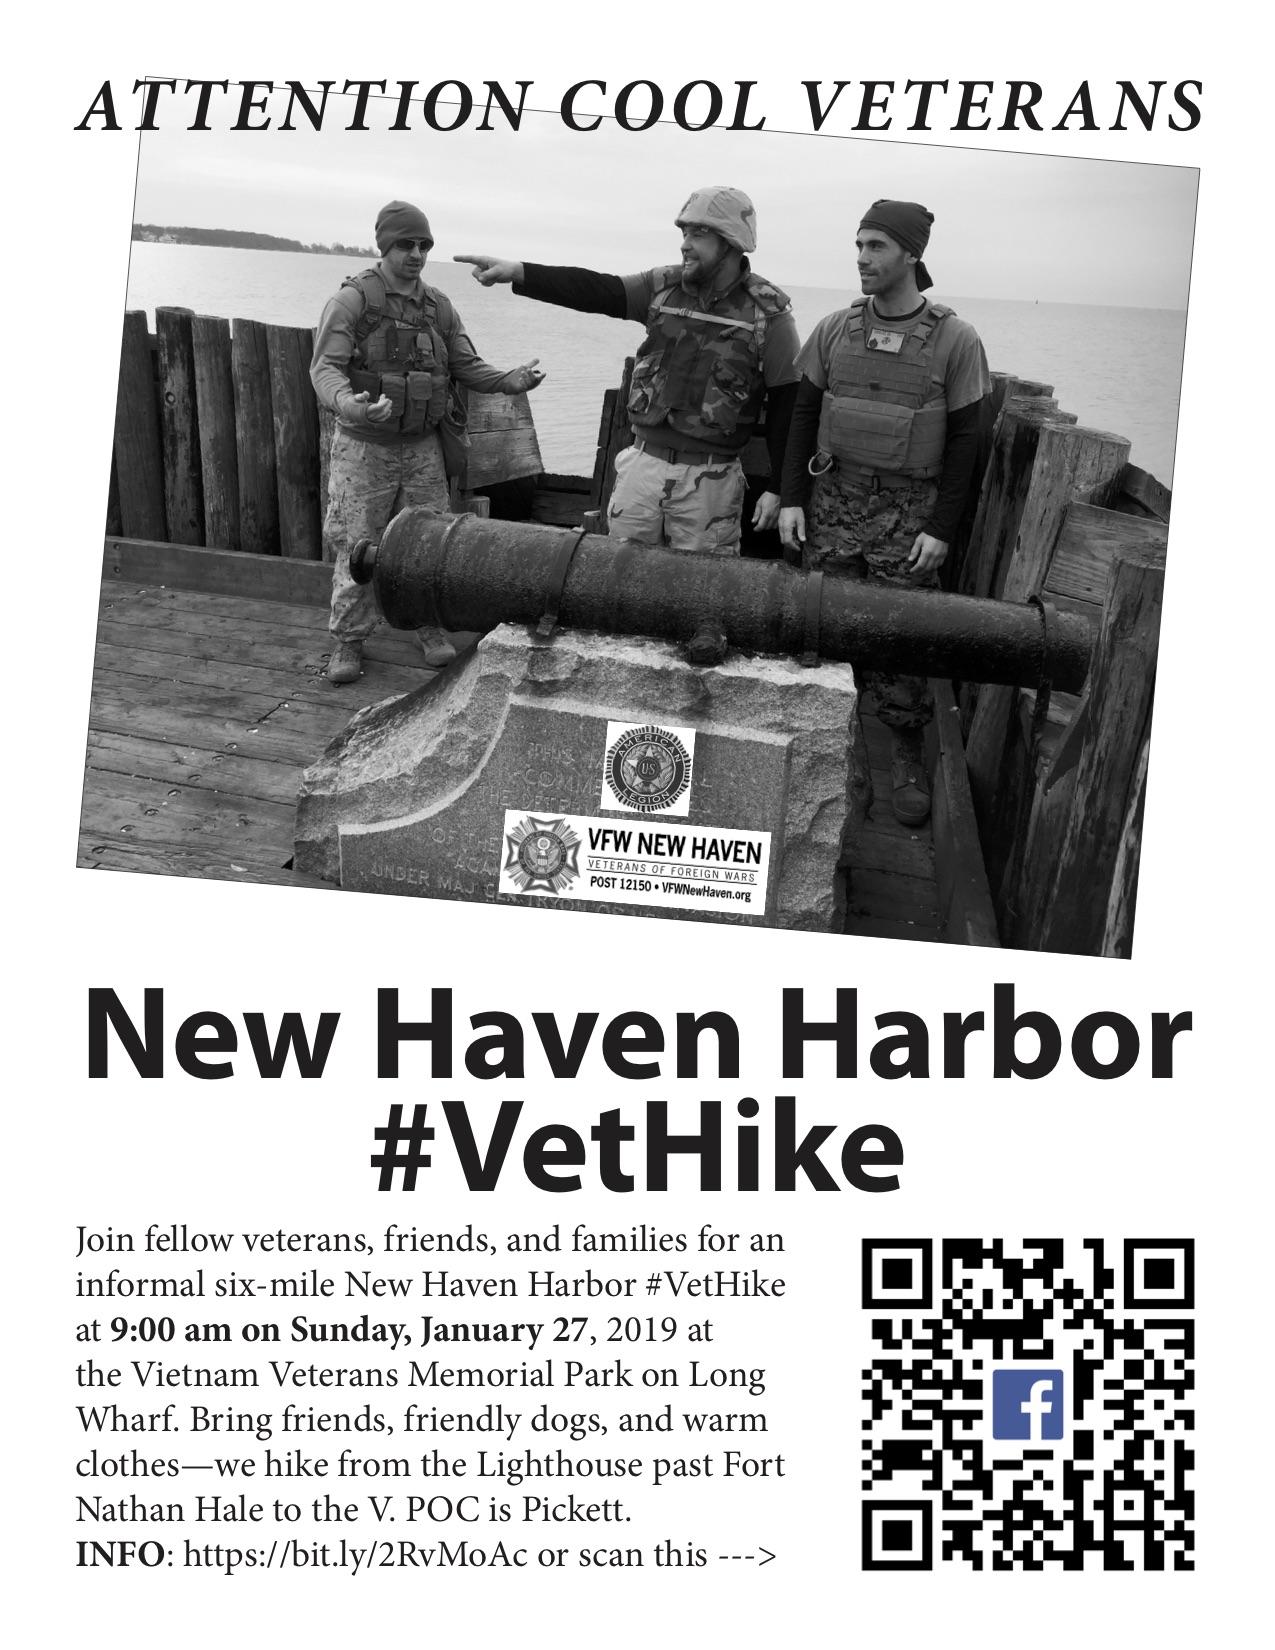 New Haven Harbor #VetHike